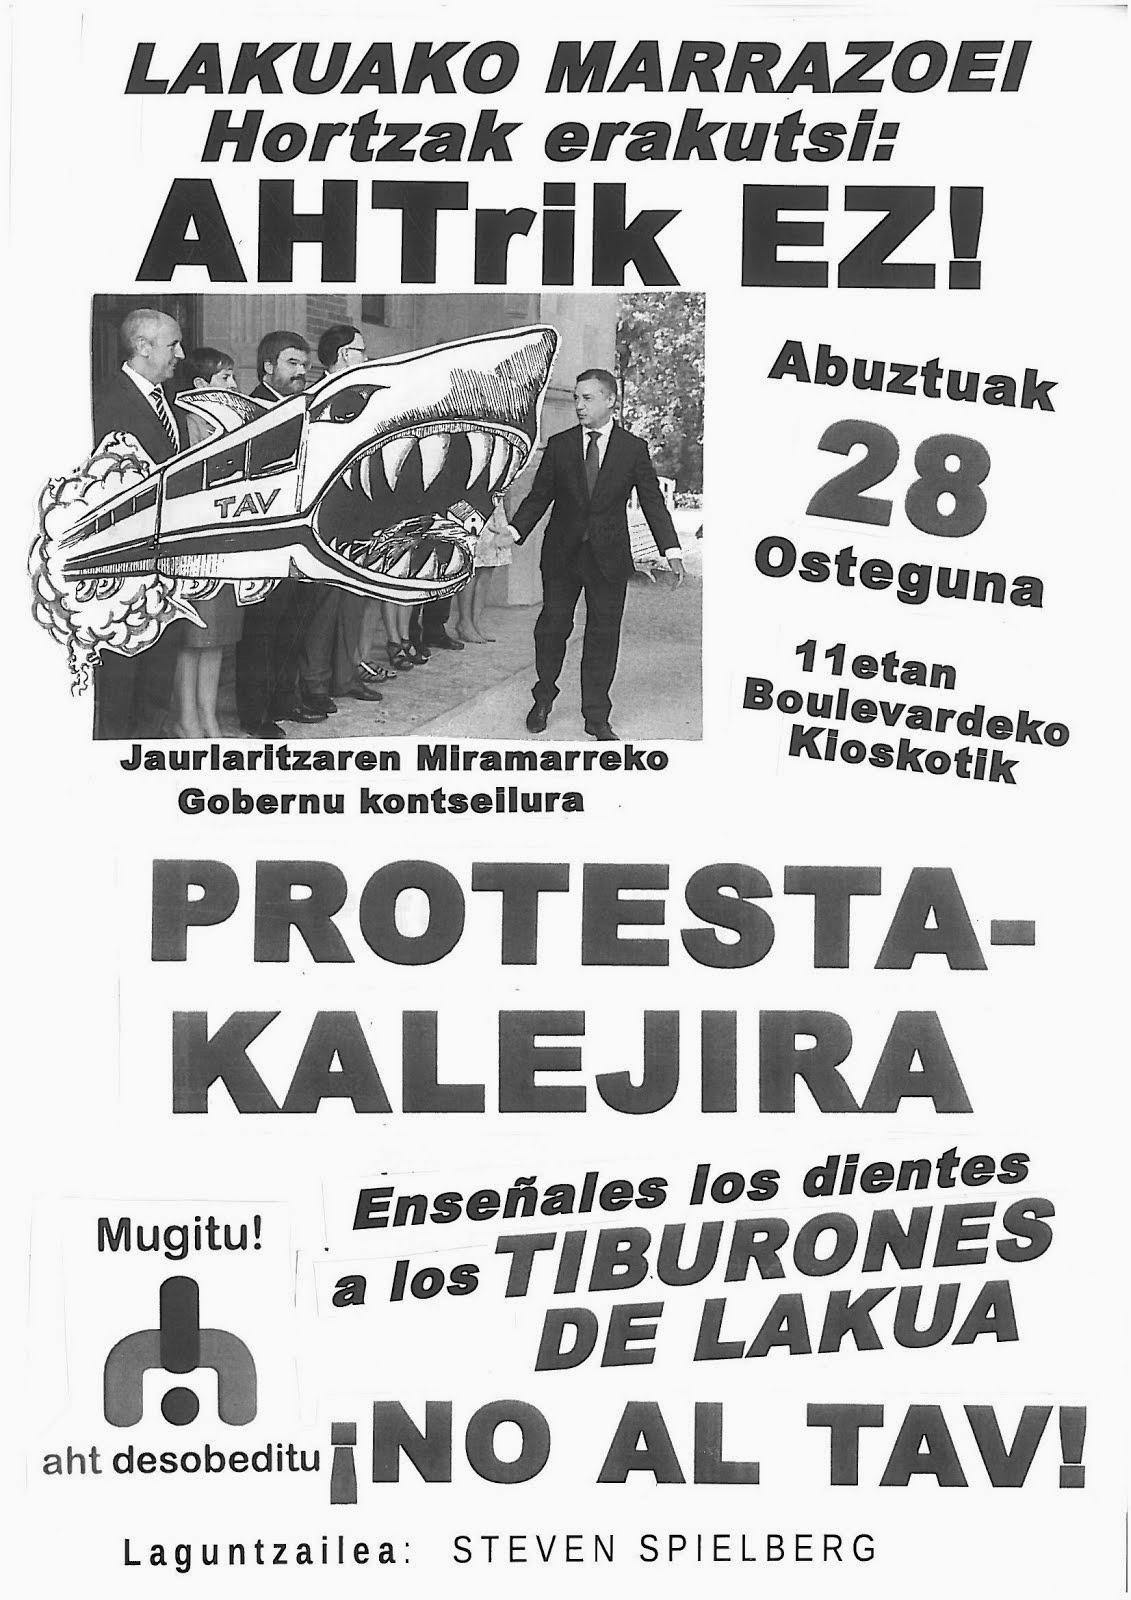 AHTren aurkako Protesta-Kalejira